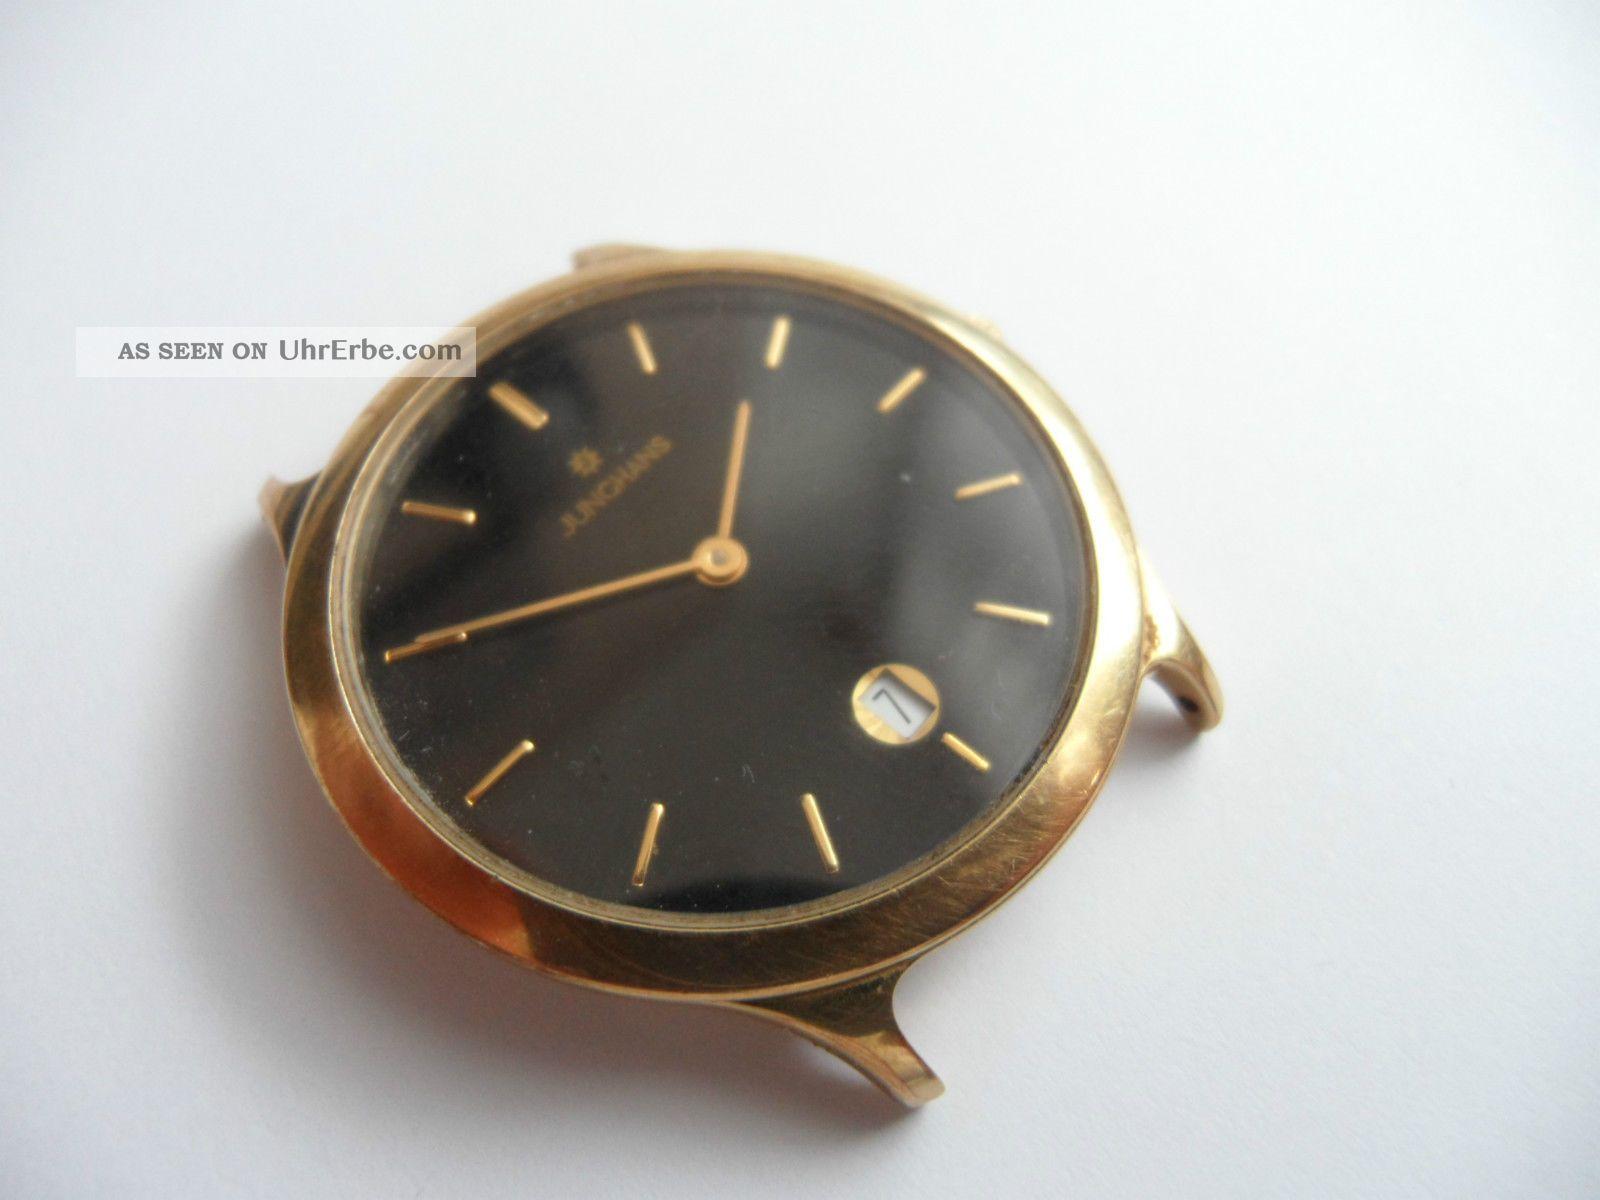 Herrenuhr Junghans Uhr Armbanduhr Armbanduhren Bild